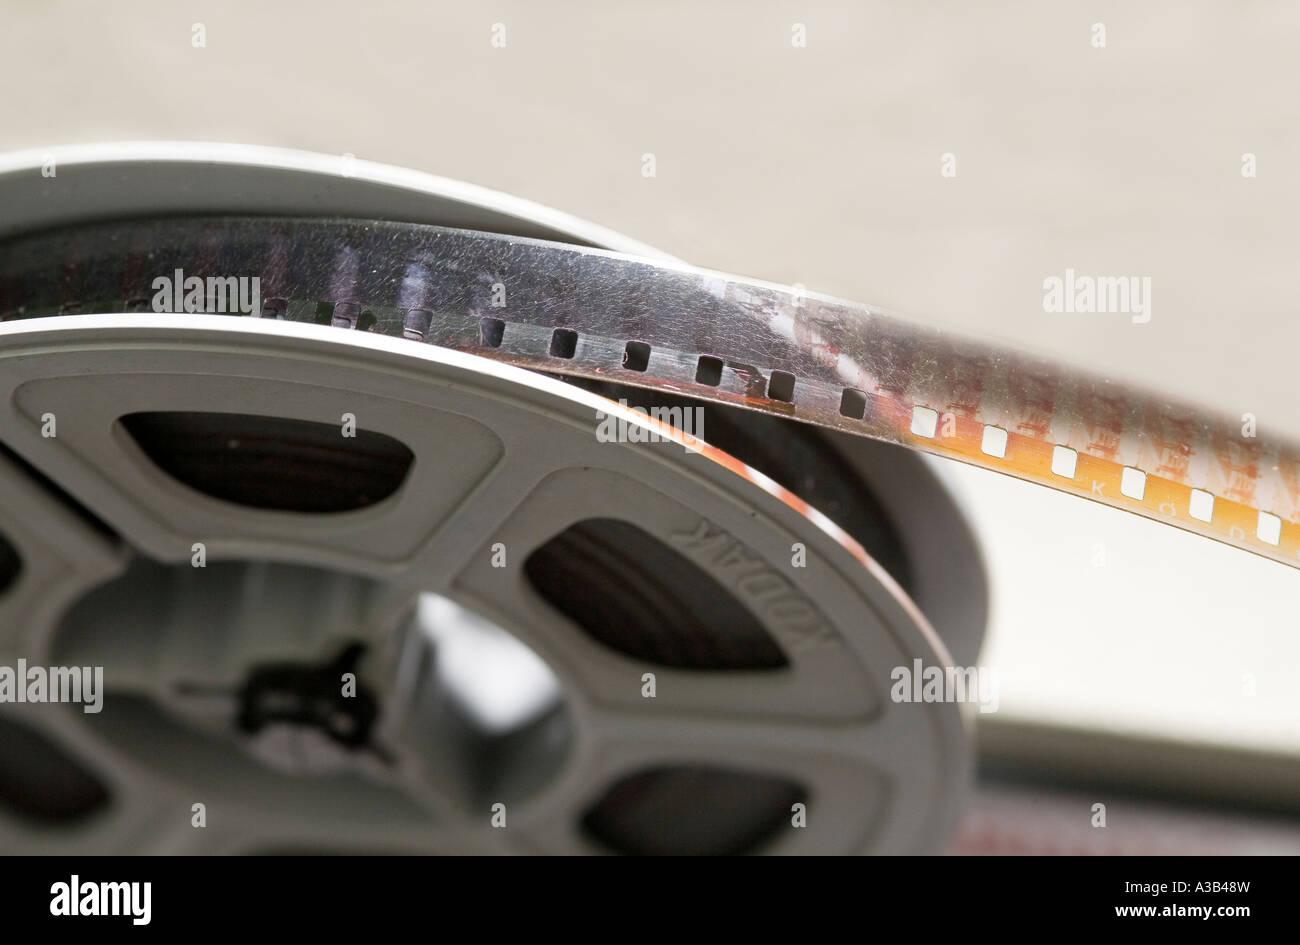 8mm de película de cine amateur en proyector mostrando daño del carrete de la edad y el crecimiento fúngico Imagen De Stock